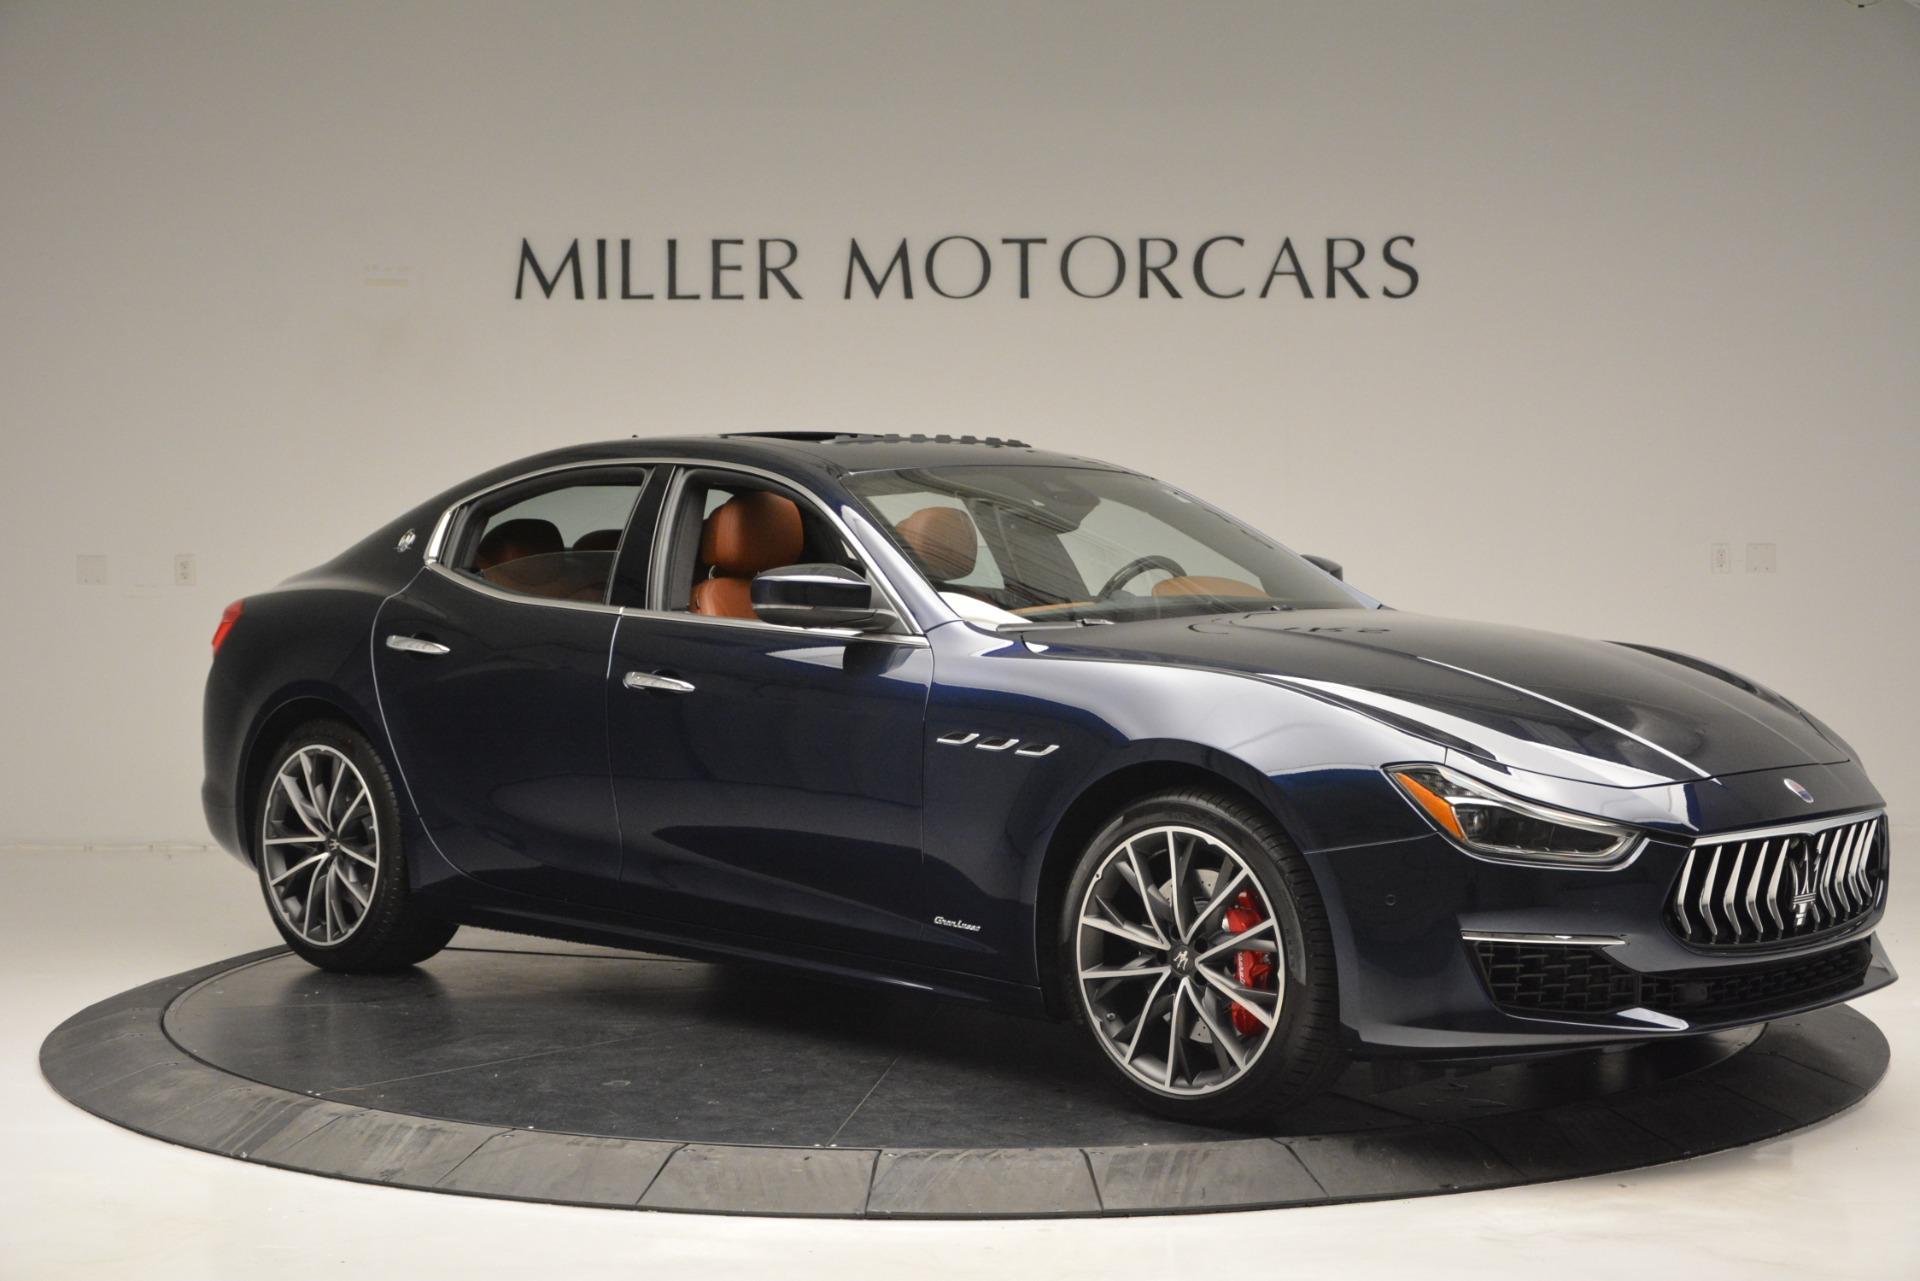 New 2019 Maserati Ghibli S Q4 GranLusso For Sale In Greenwich, CT. Alfa Romeo of Greenwich, M2251 2882_p15